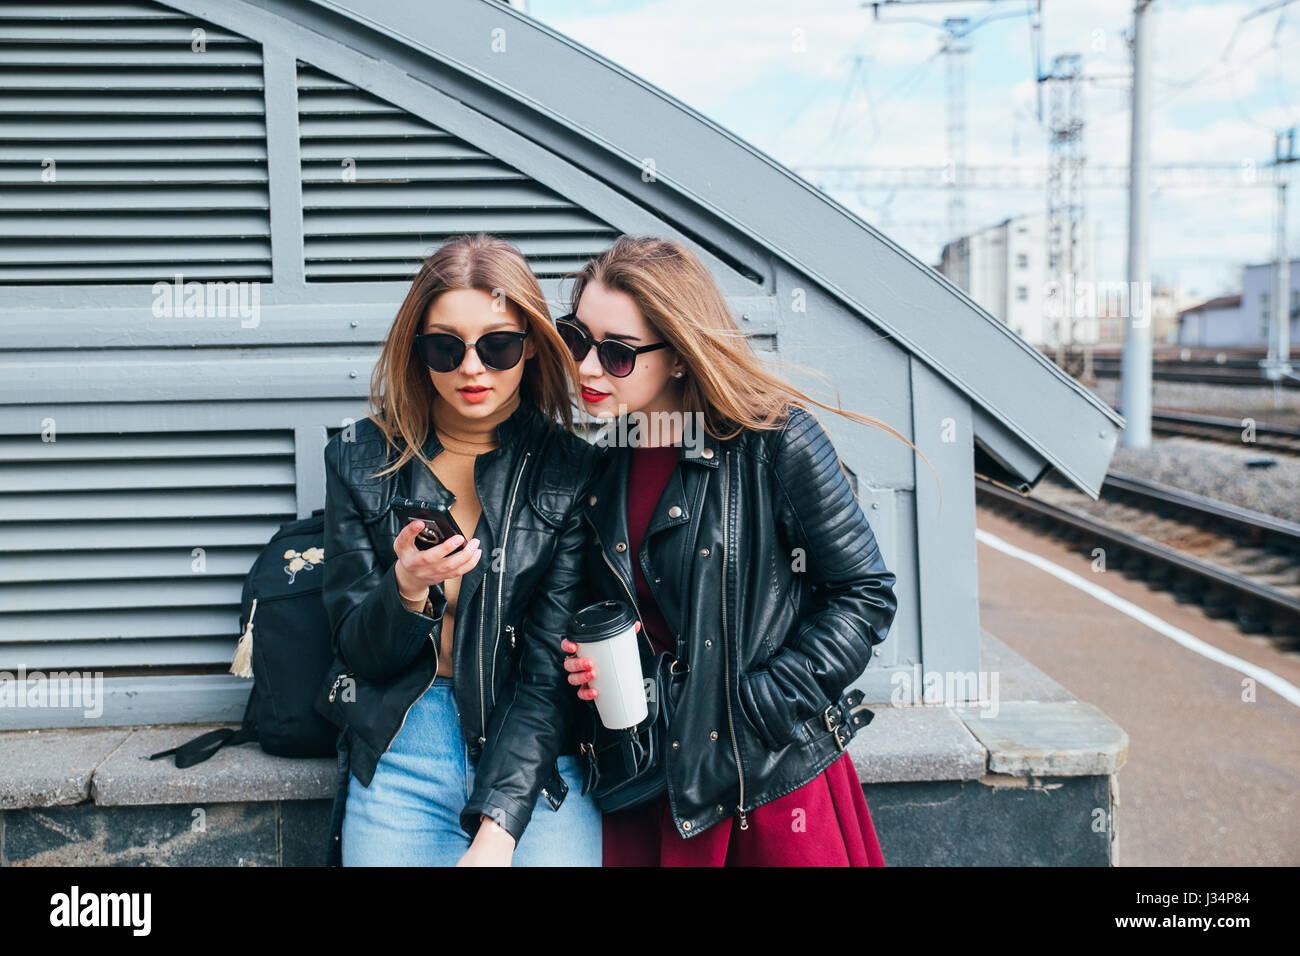 Deux femmes parlant dans la ville.de vie de plein air portrait de deux meilleurs amis hipster girls wearing veste Photo Stock